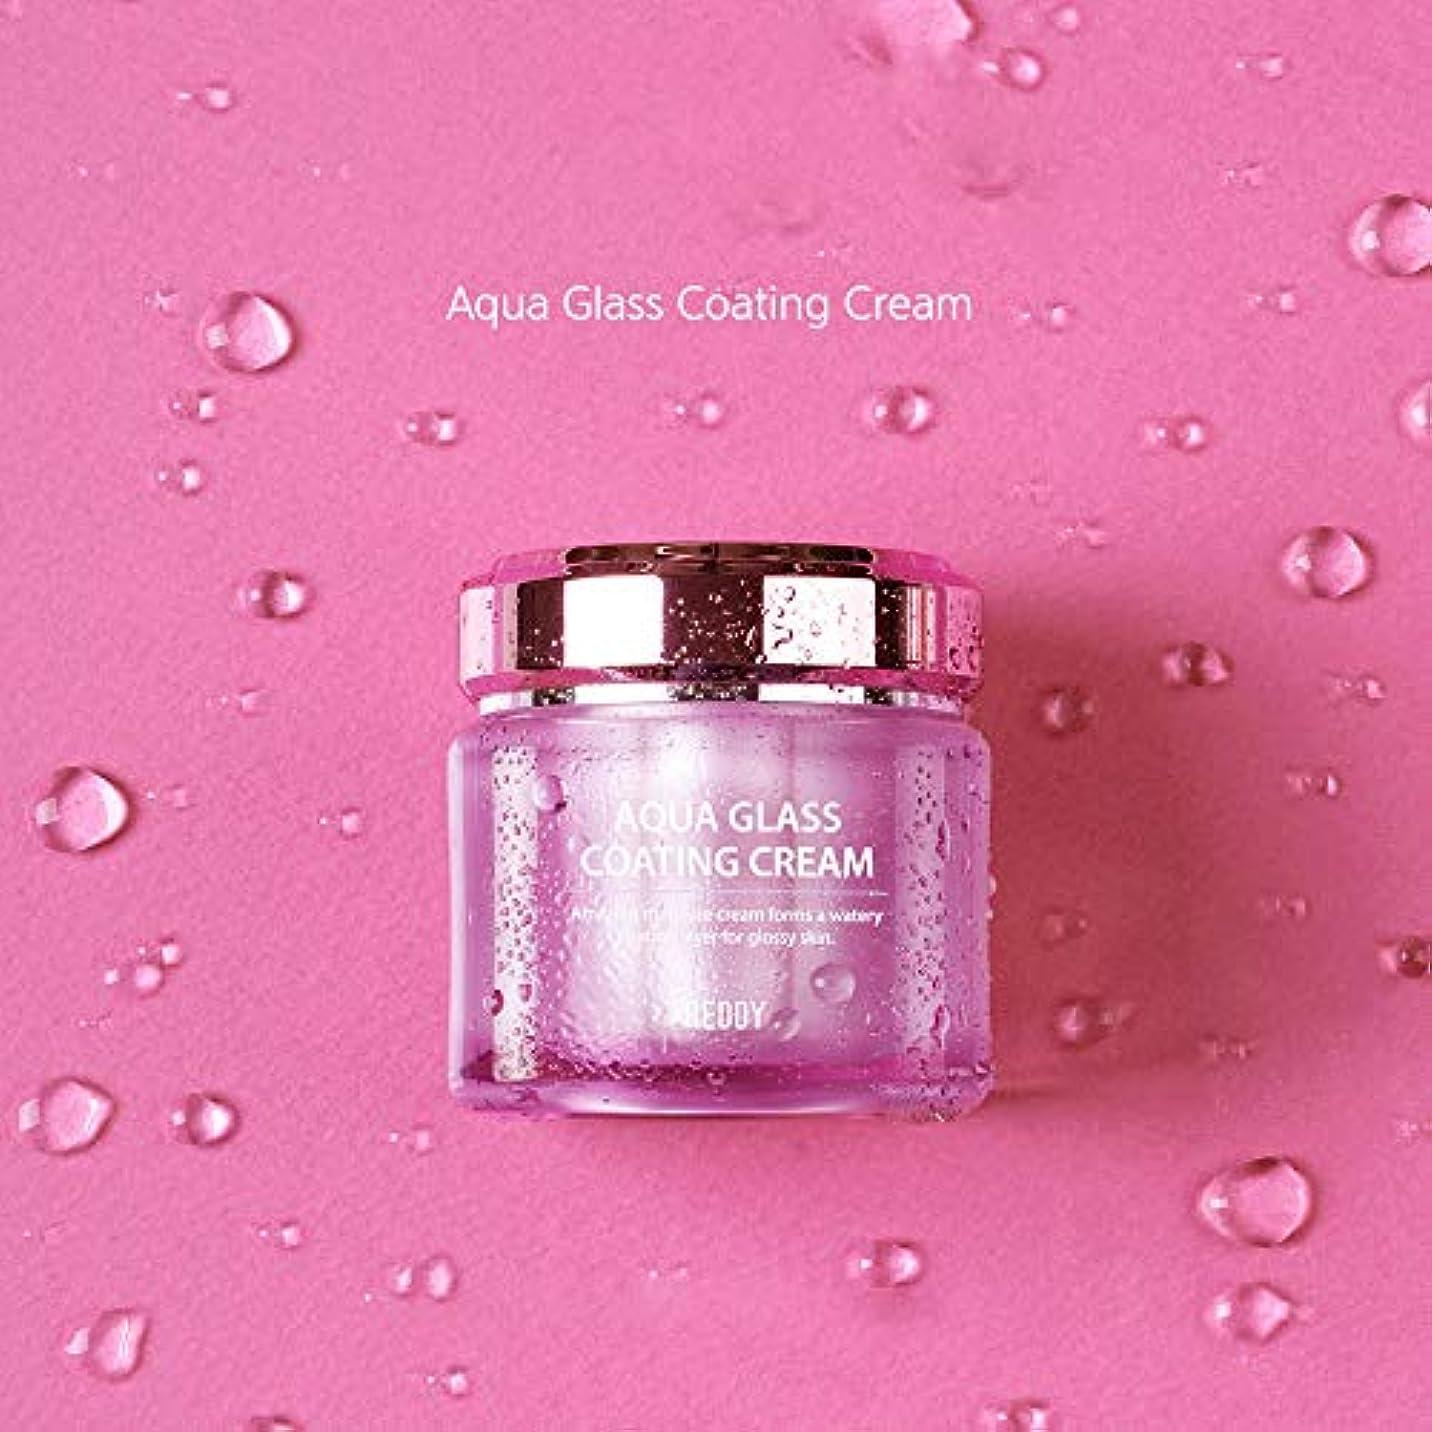 結晶ヘッドレス回復REDDY (レディ)(AQUA GLASS COATING CREAM)アクアグラス コーティング クリーム 50g